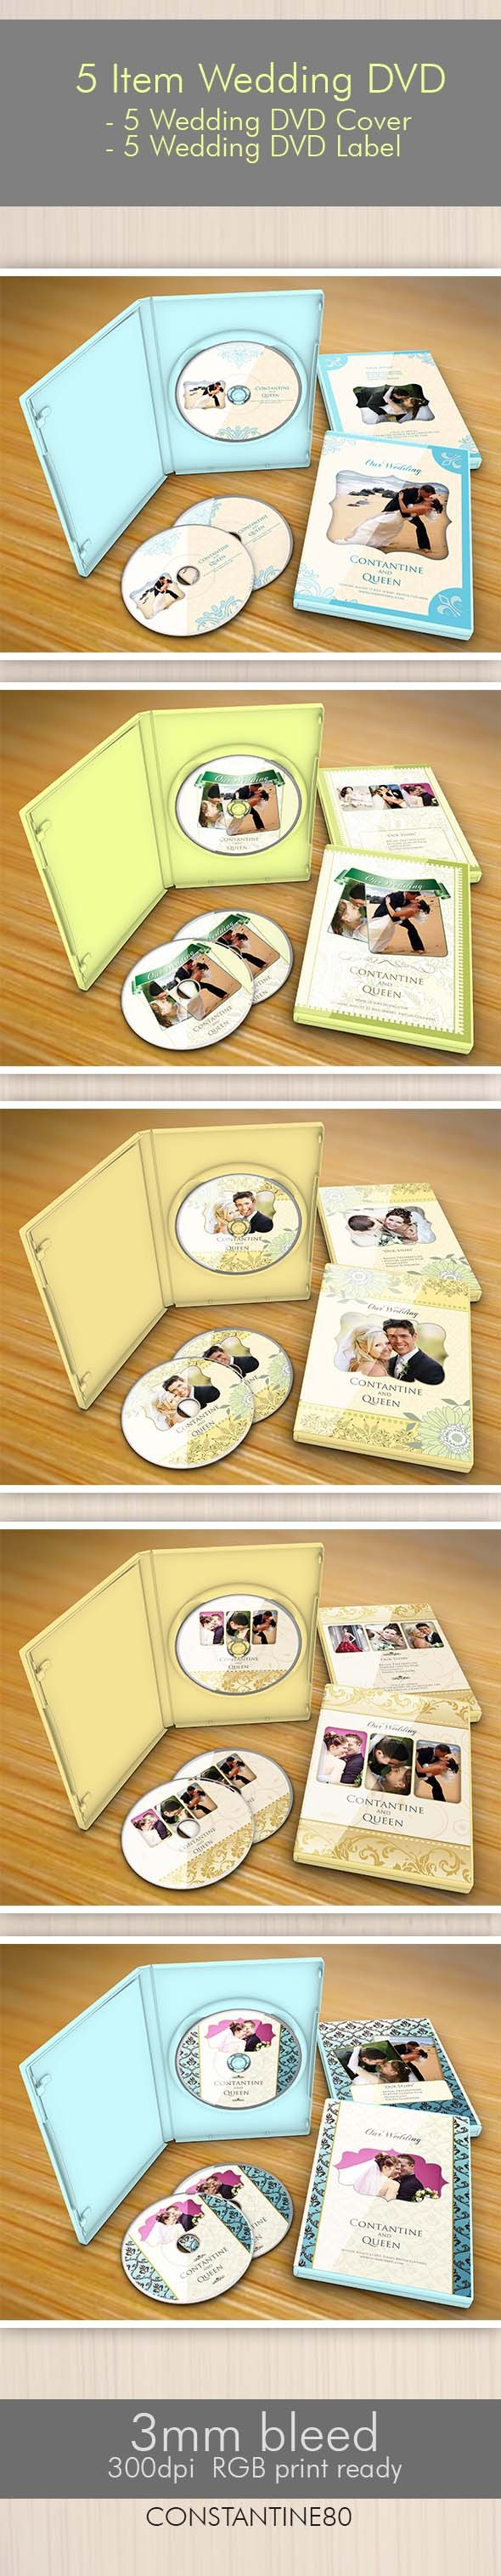 37 Contoh Konsep Undangan Pernikahan Indonesia - Konsep-Undangan-Pernikahan-Indonesia-5-items-Wedding